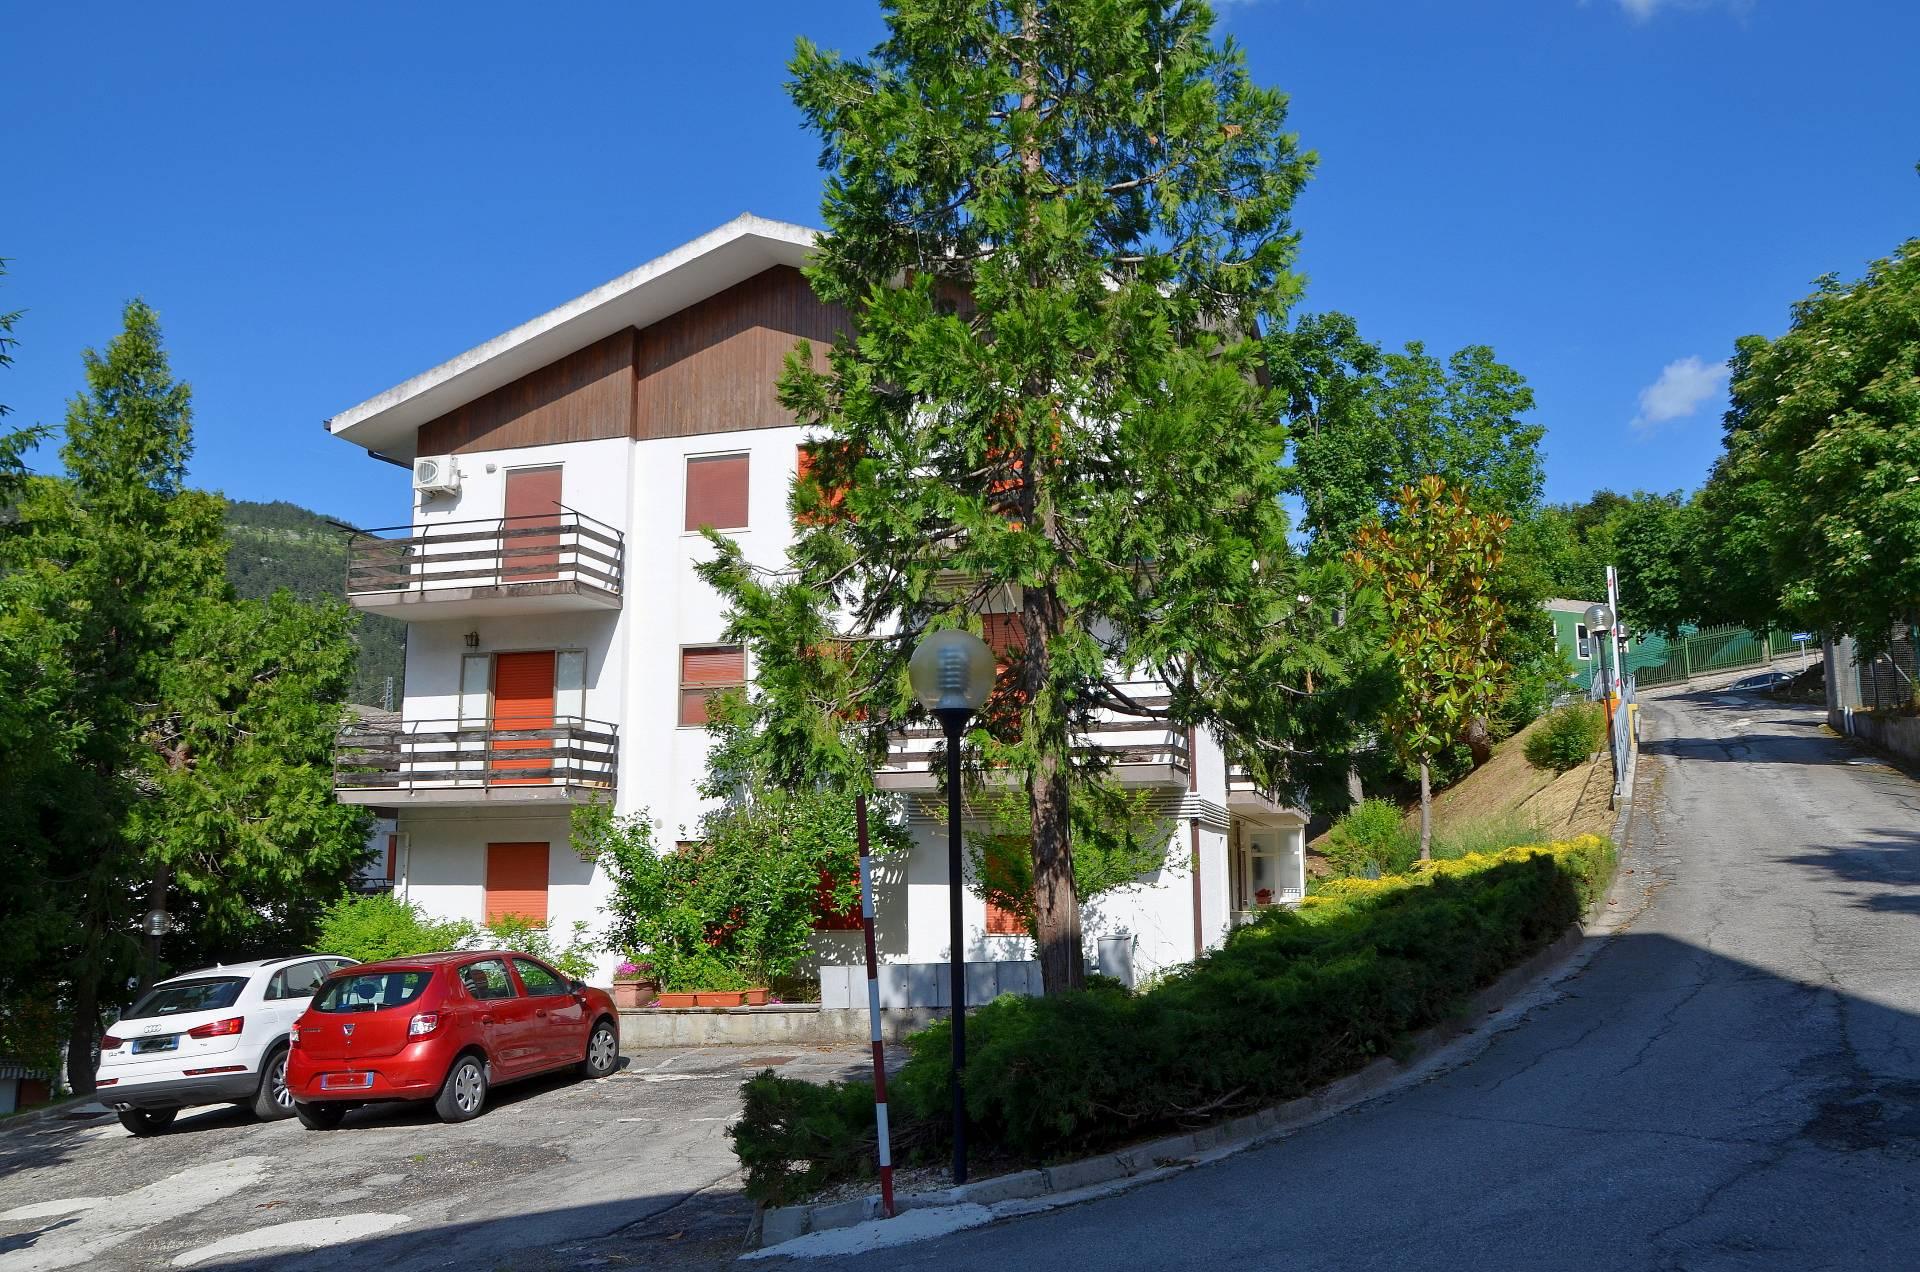 Appartamento in vendita a Caramanico Terme, 3 locali, prezzo € 73.000 | CambioCasa.it